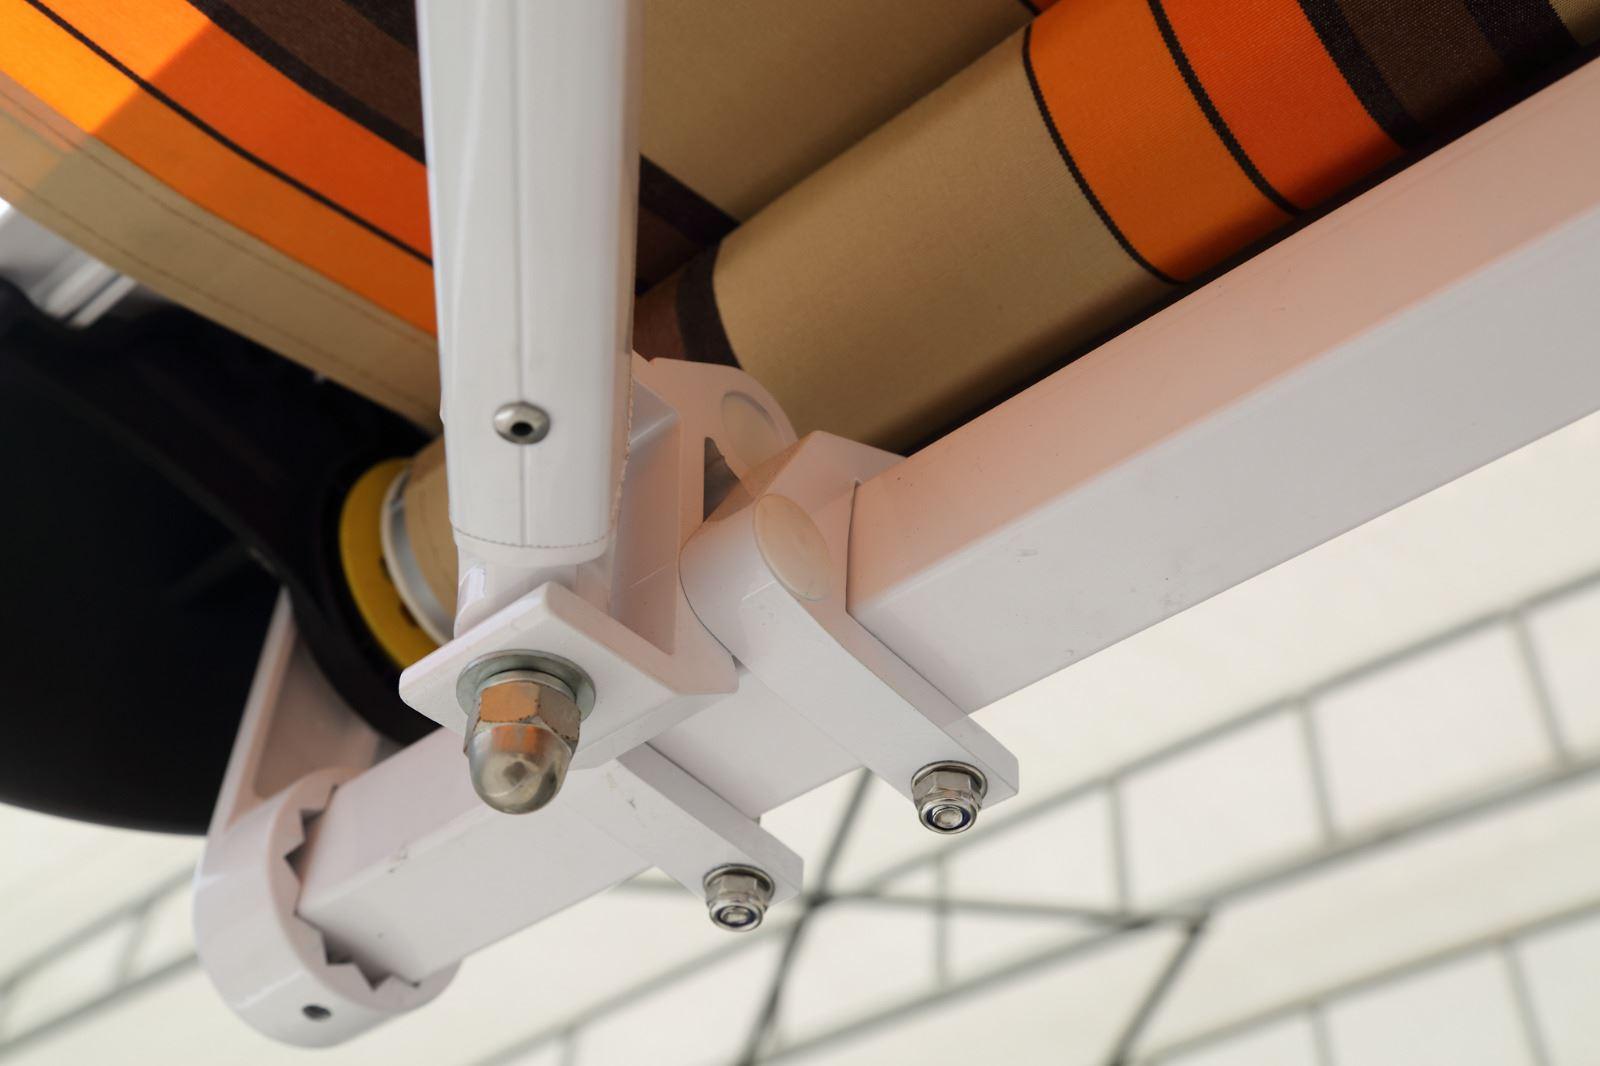 Rollersur toldo brazo invisible smartbox tela canvas for Toldo brazo invisible